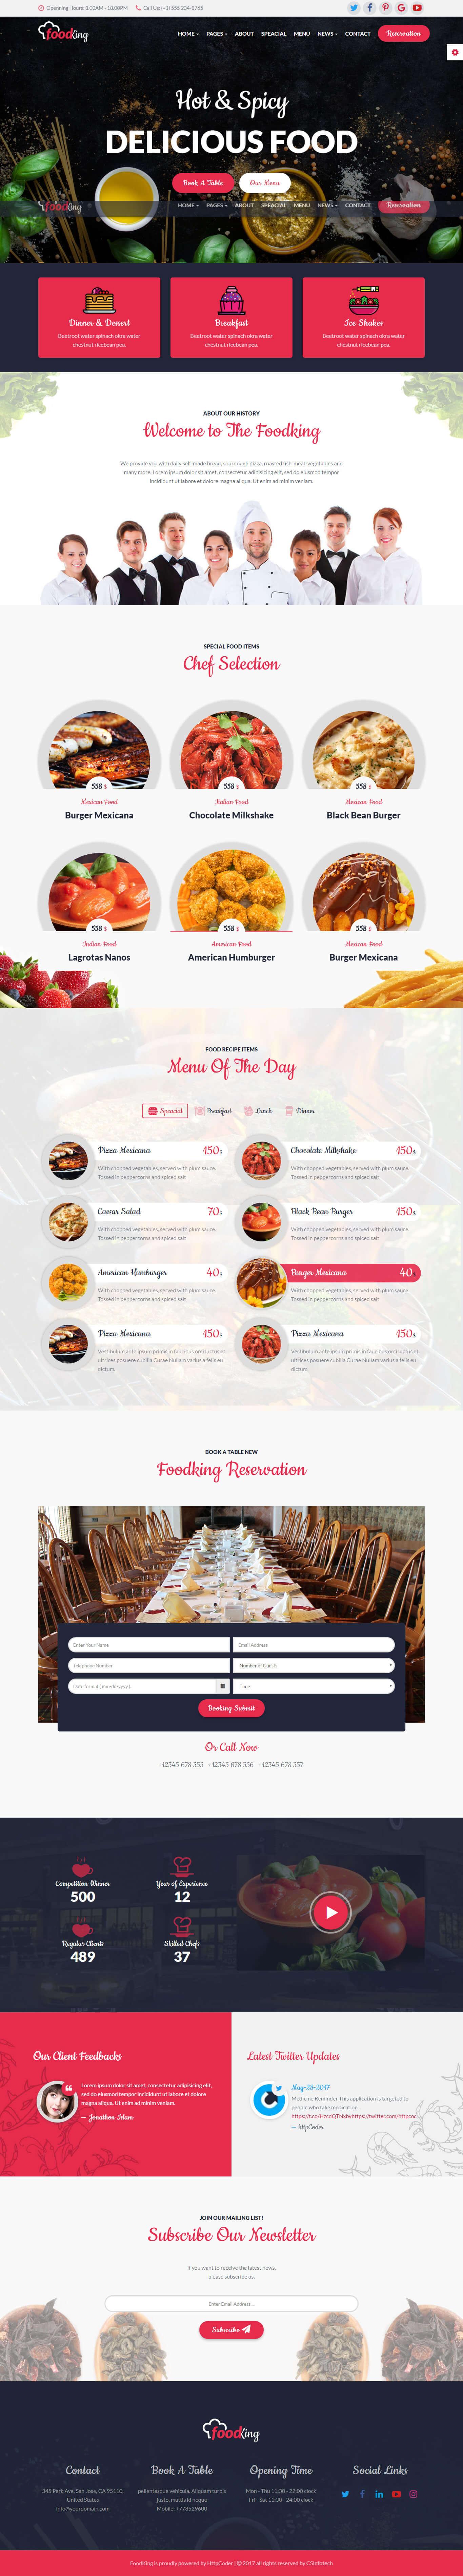 thiết kế website nhà hàng foodking